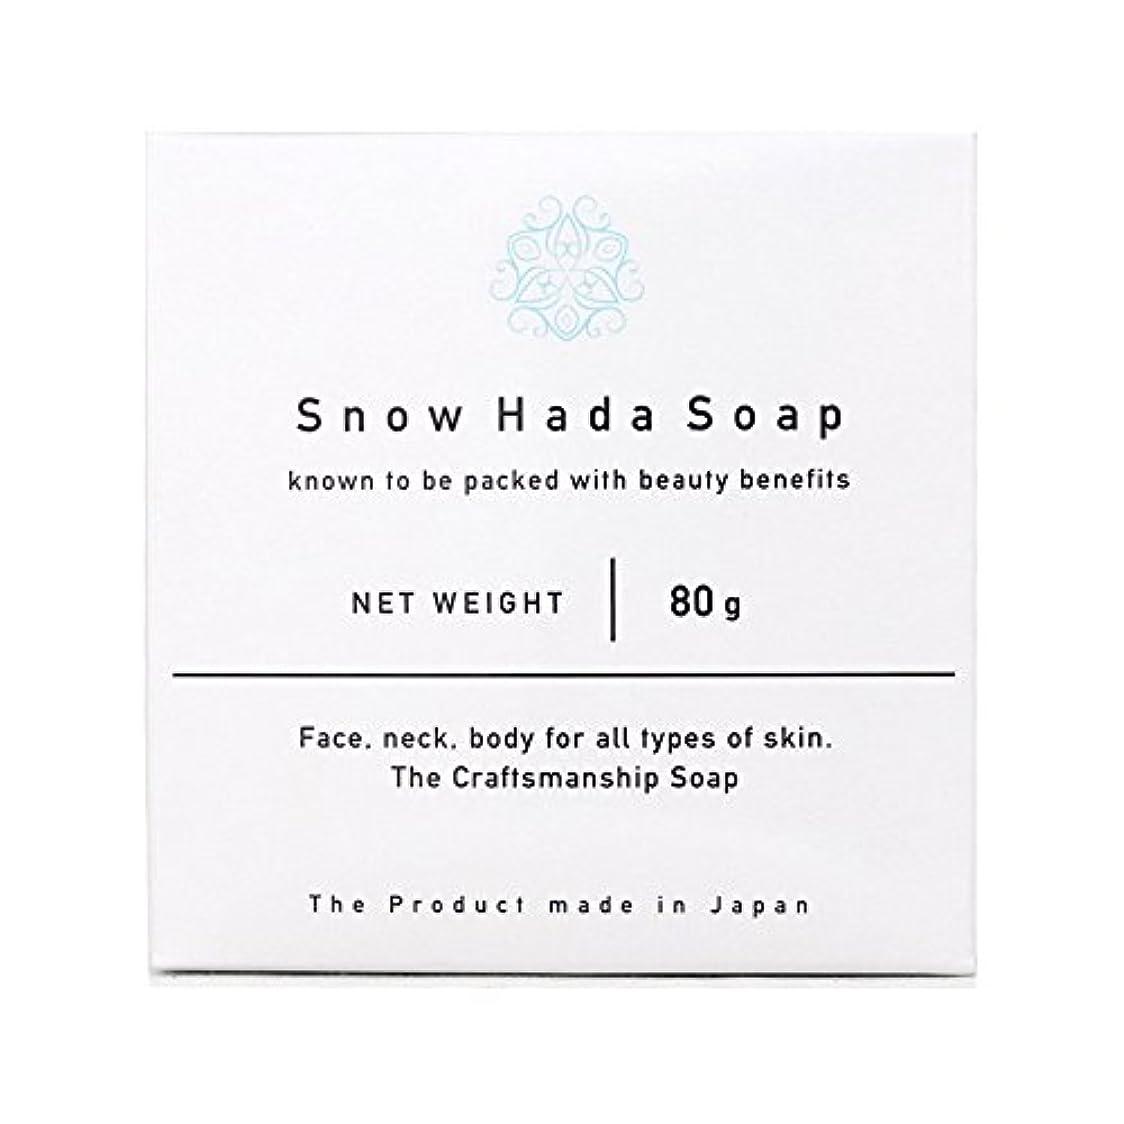 ドット水星忠誠Snow Hada Soap スノハダソープ 石鹸 石けん 洗顔 肌 スキンケア